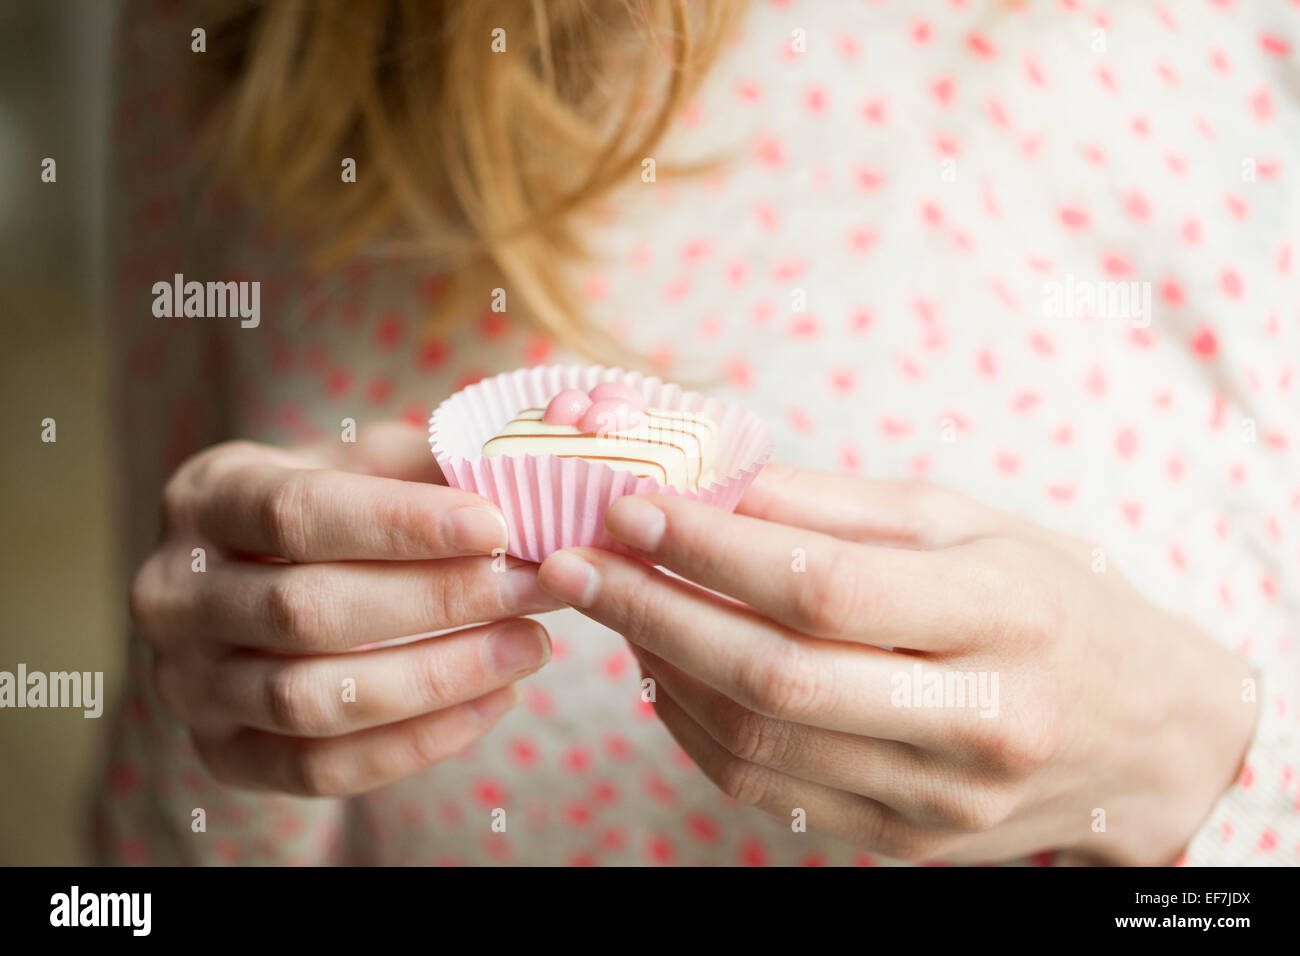 Frau einen Cupcake Essen Stockbild